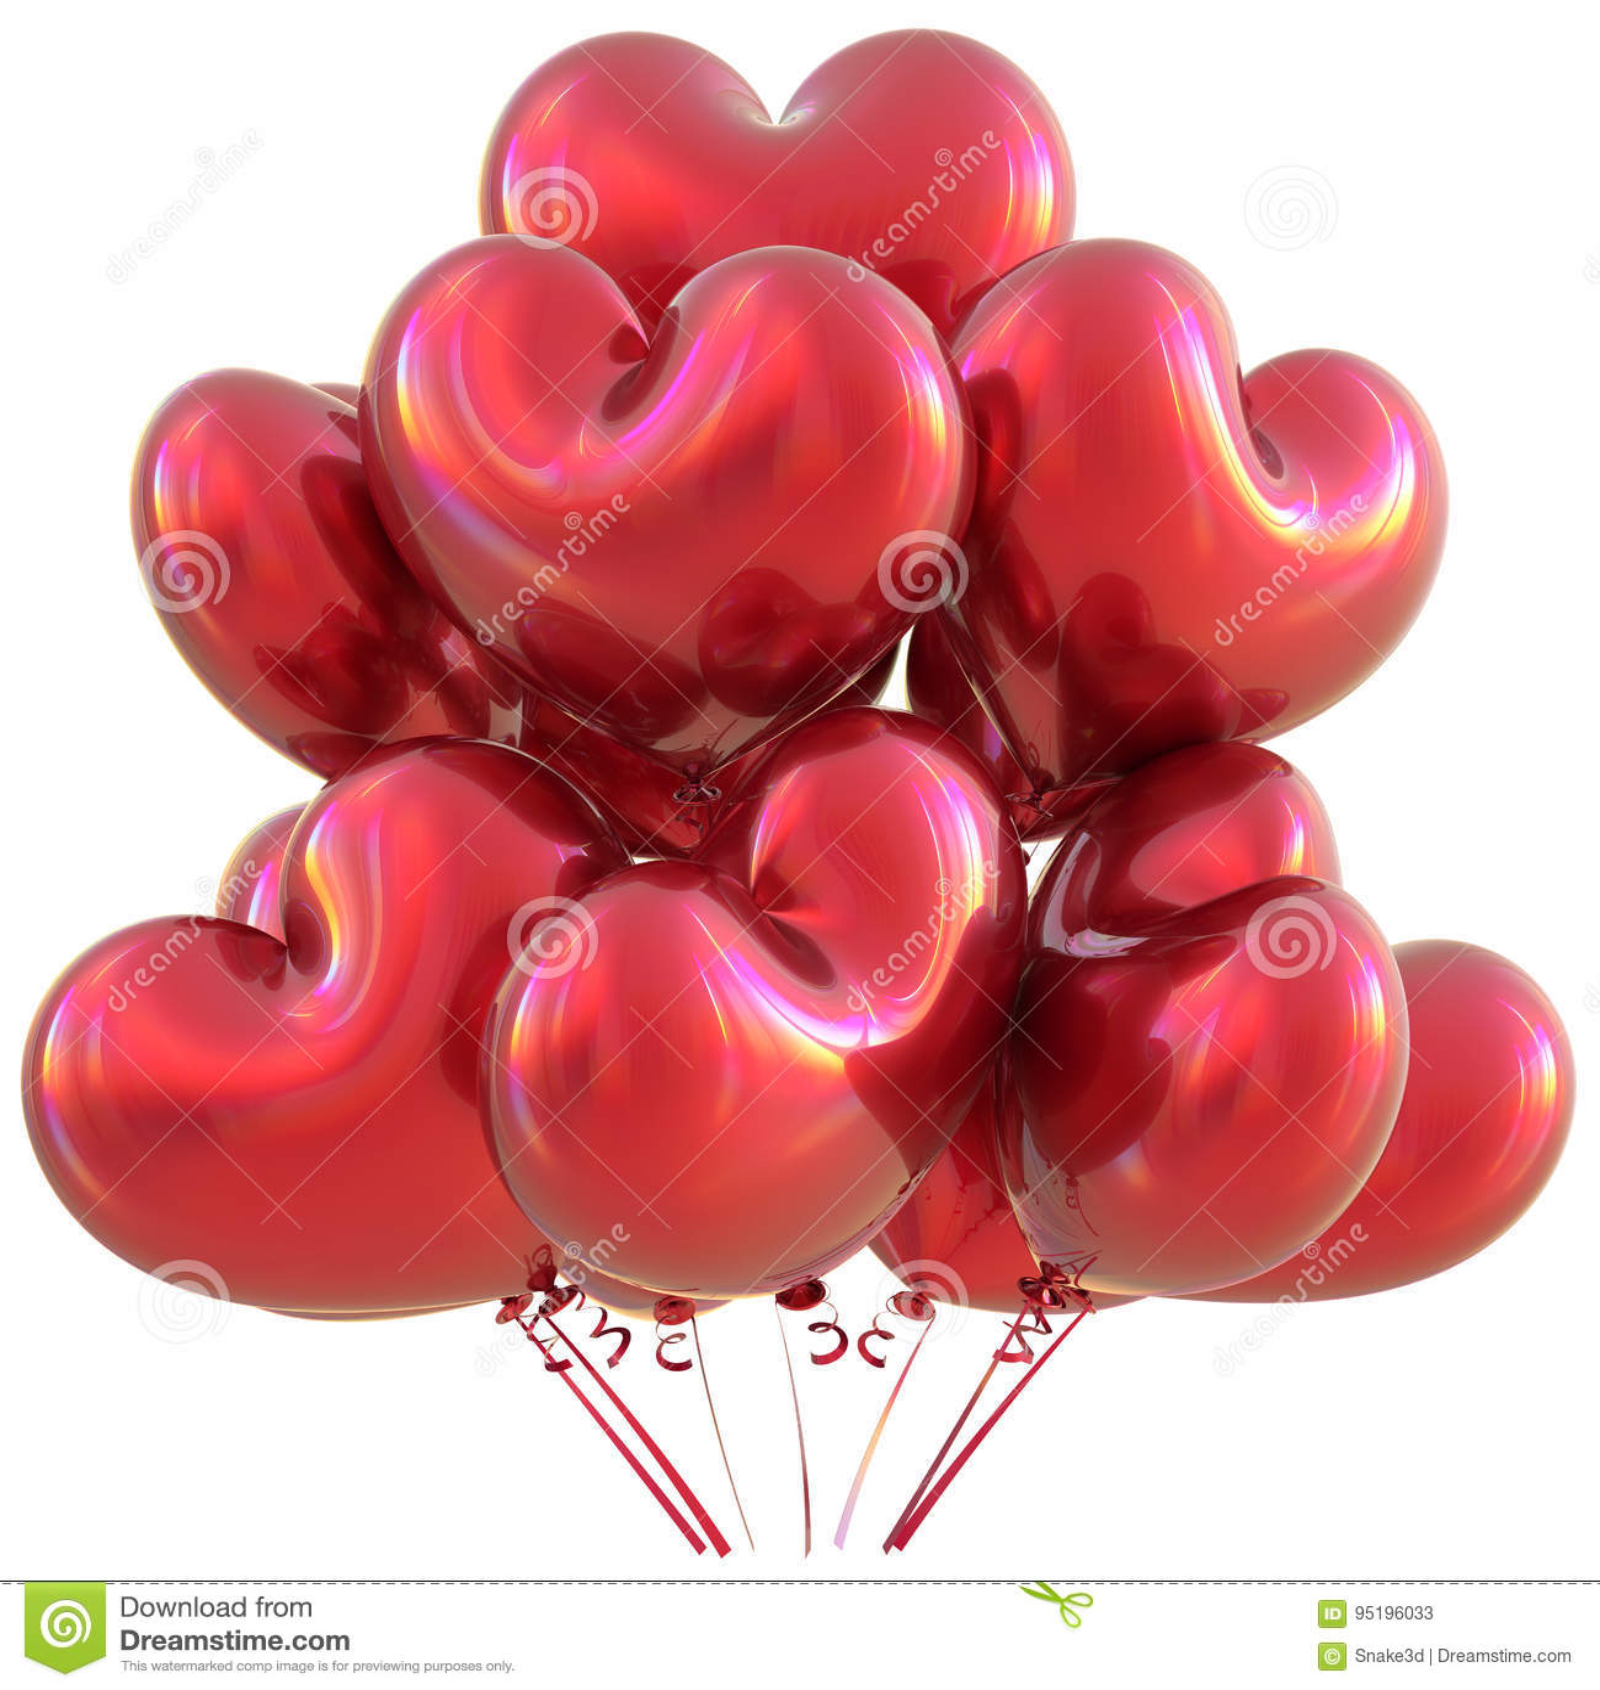 Faites La Fete La Decoration Rouge D Evenement D Amour De Joyeux Anniversaire De Ballons De Coeur Illustration Stock Illustration Du Amour Fete 95196033